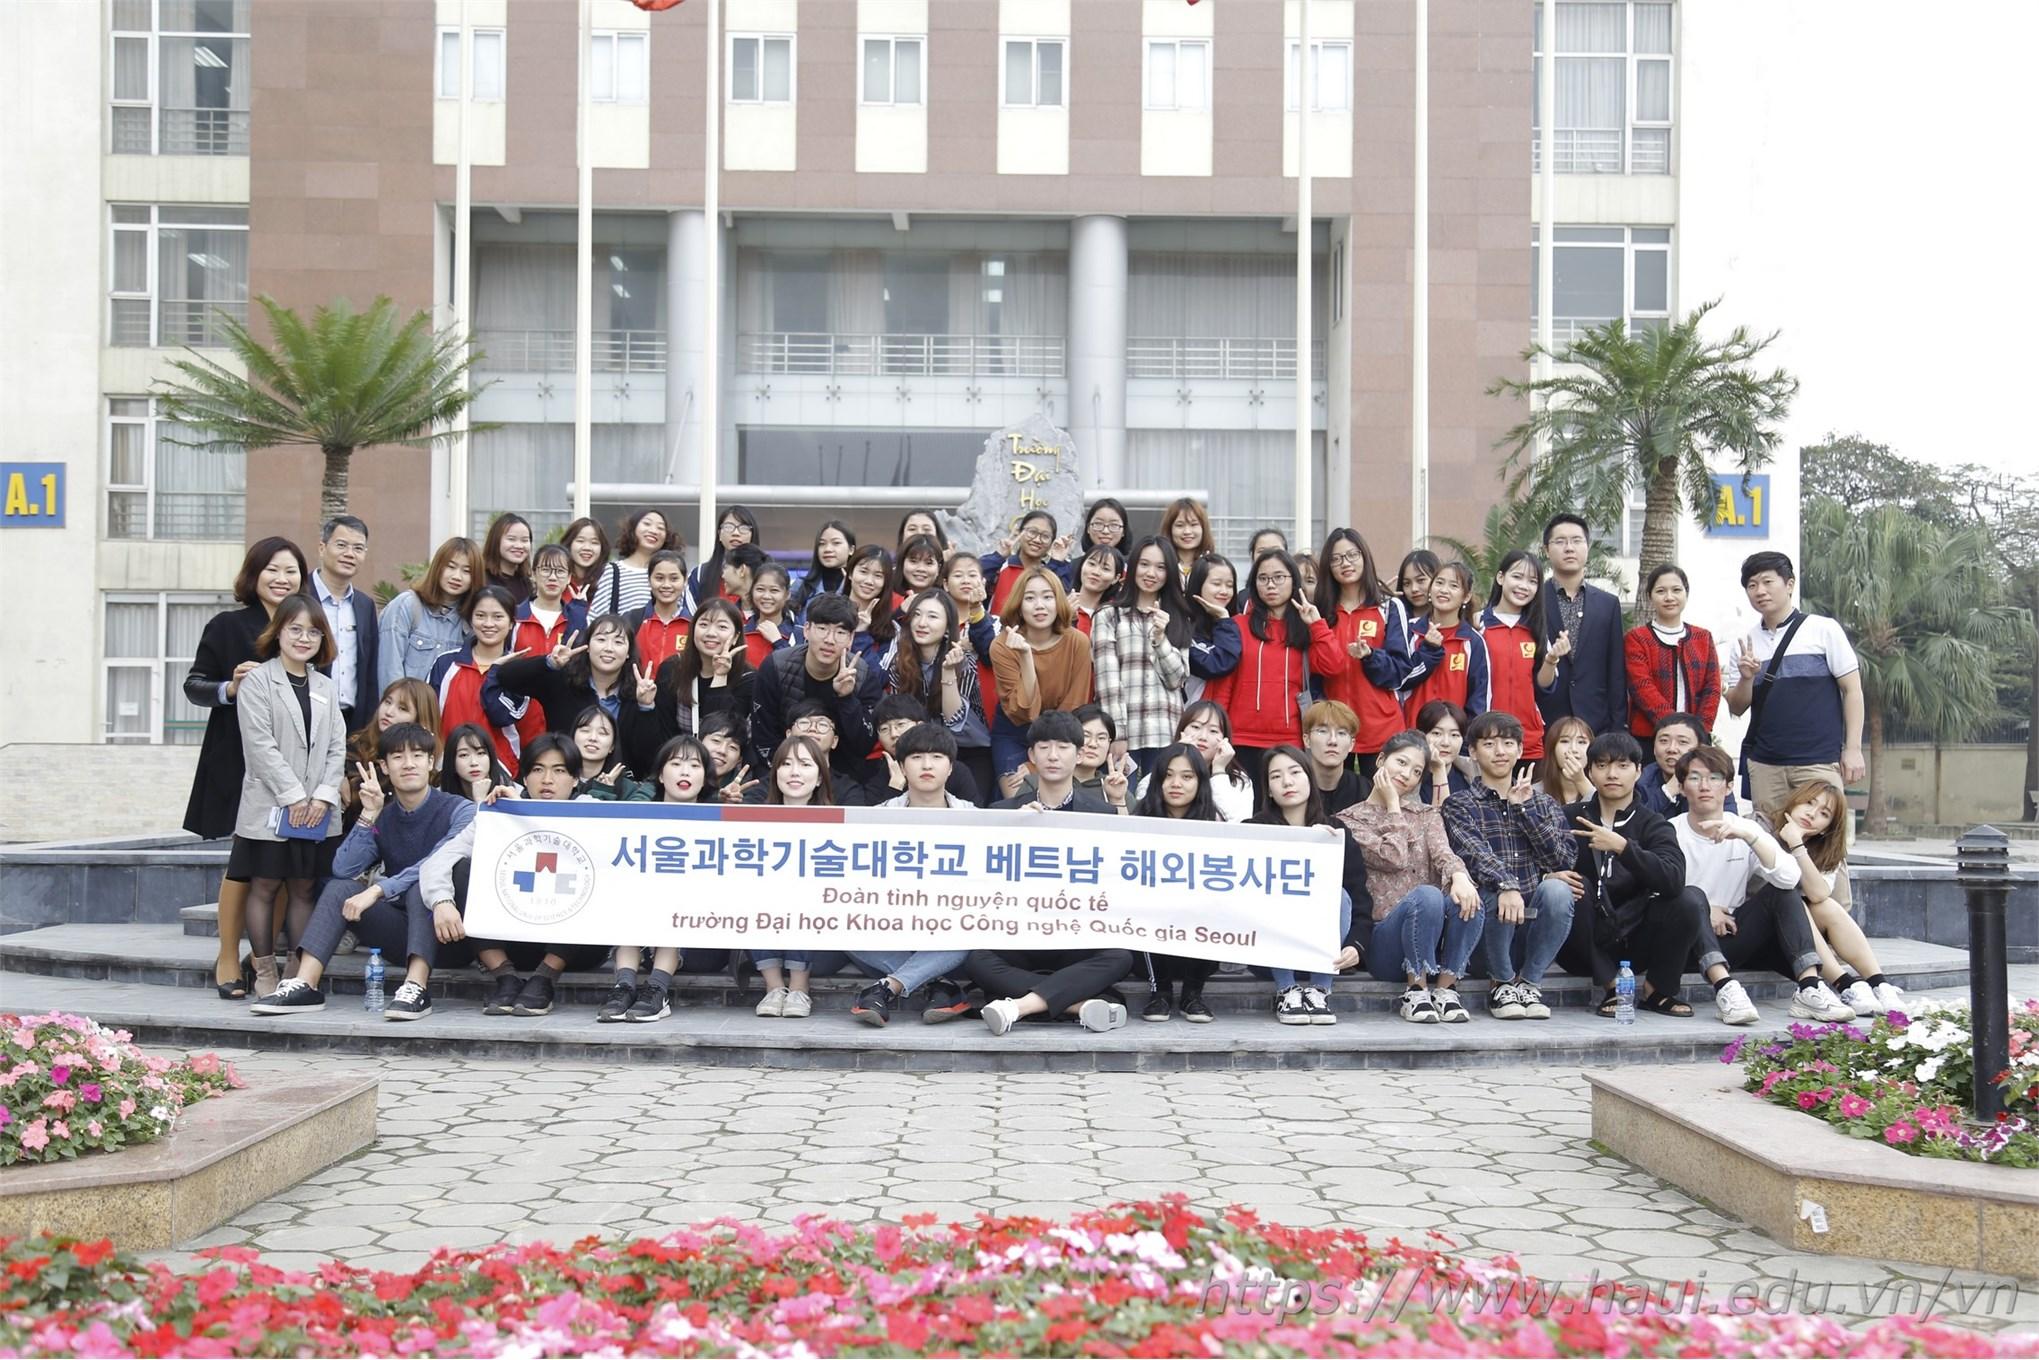 Chương trình giao lưu văn hóa với sinh viên Đại học Khoa học và Công nghệ Quốc gia Seoul - Hàn Quốc